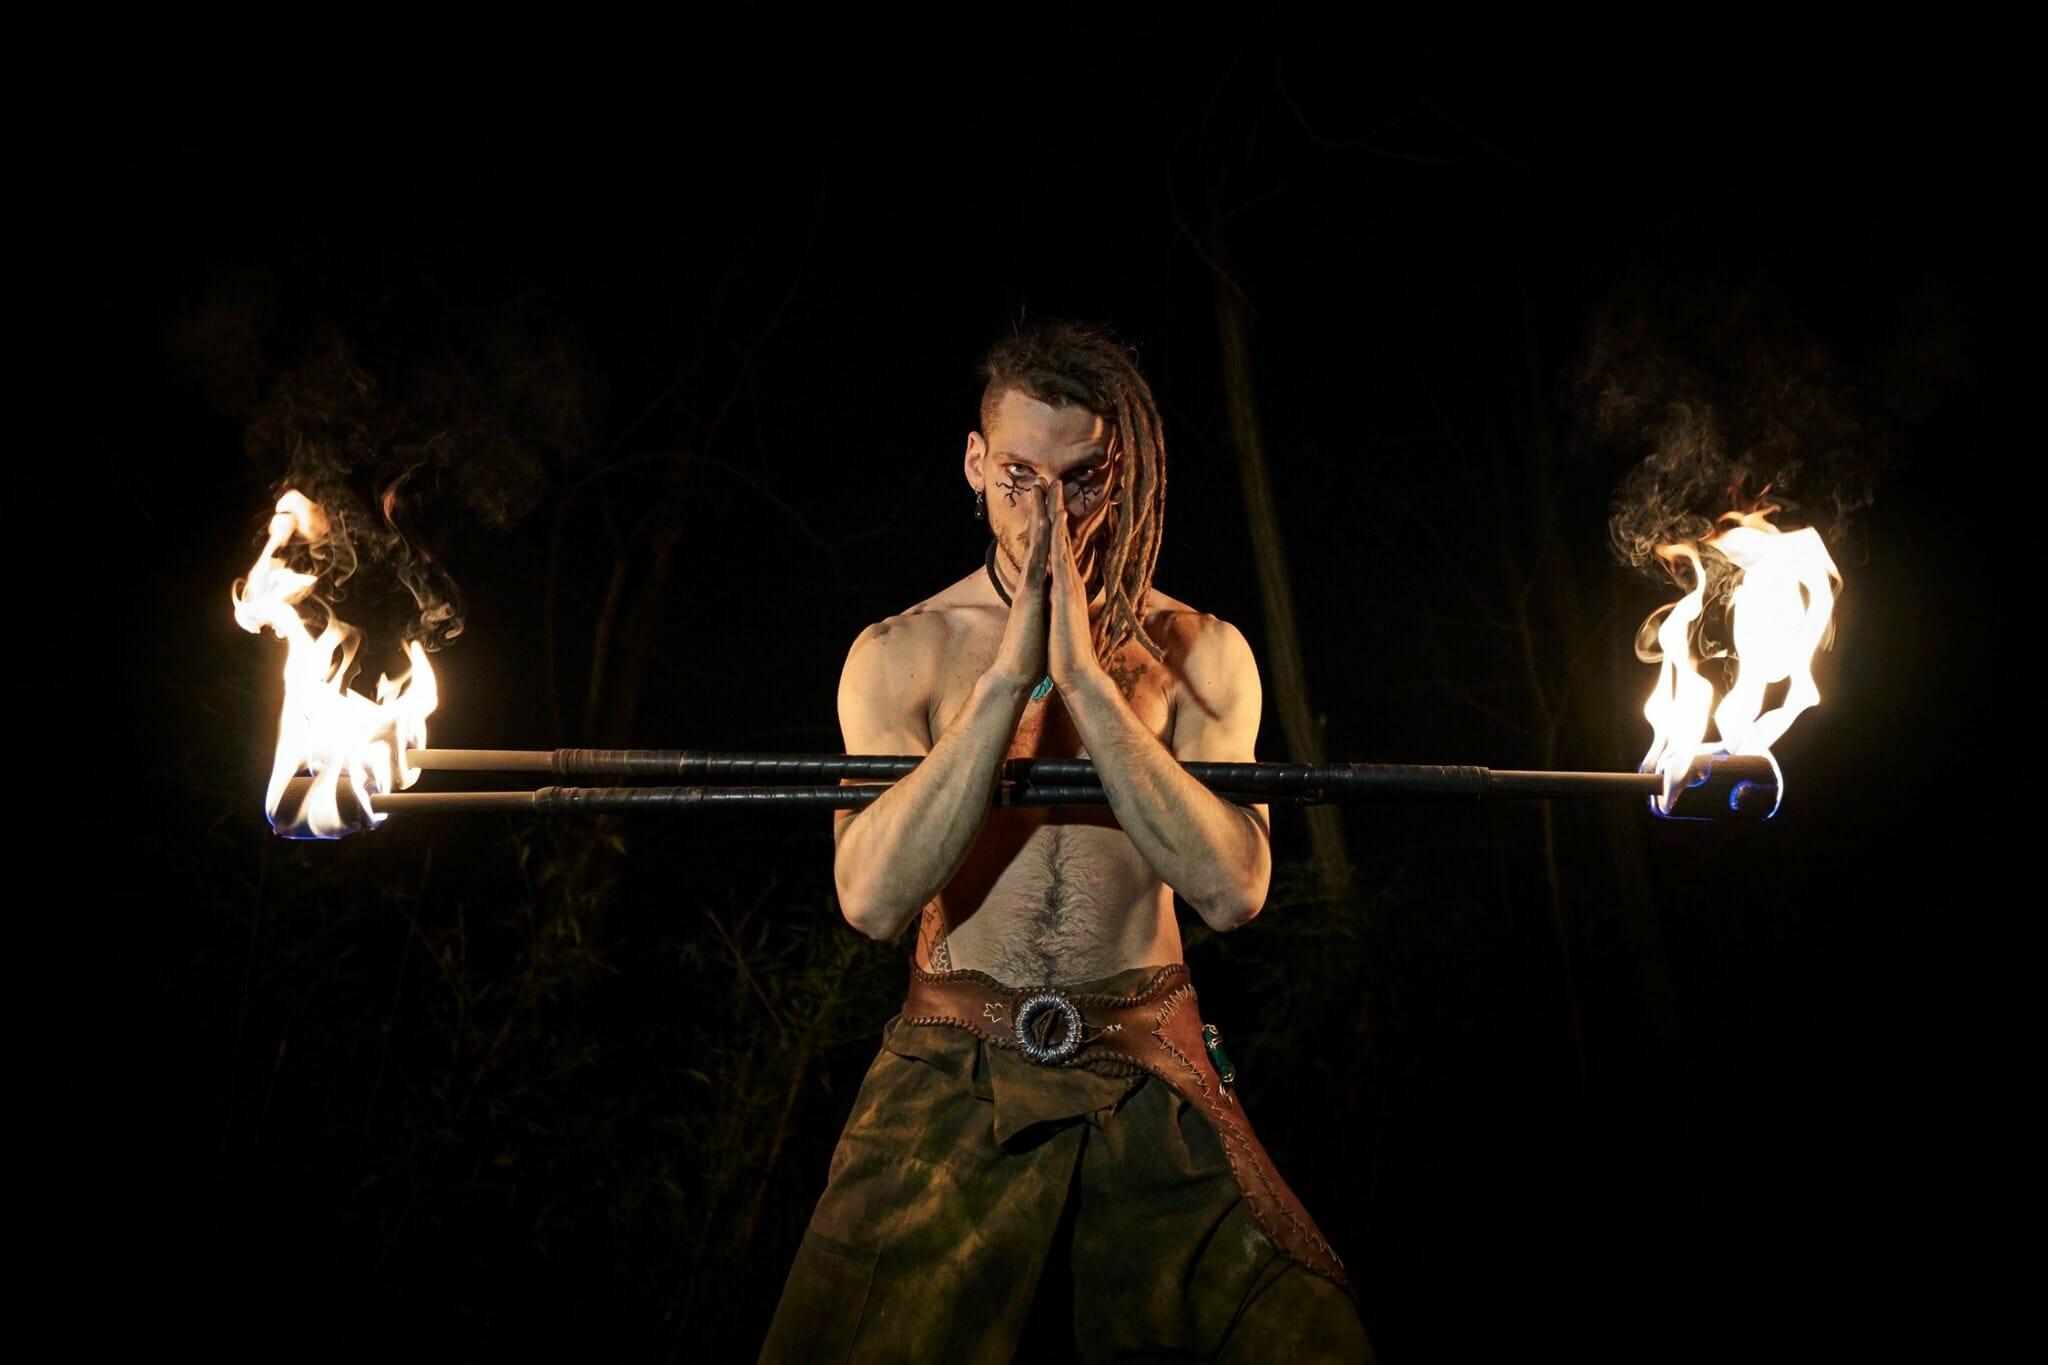 Nicola Colleoni Performarte – spettacolo di fuoco – giocoliere – bastoni – medievale